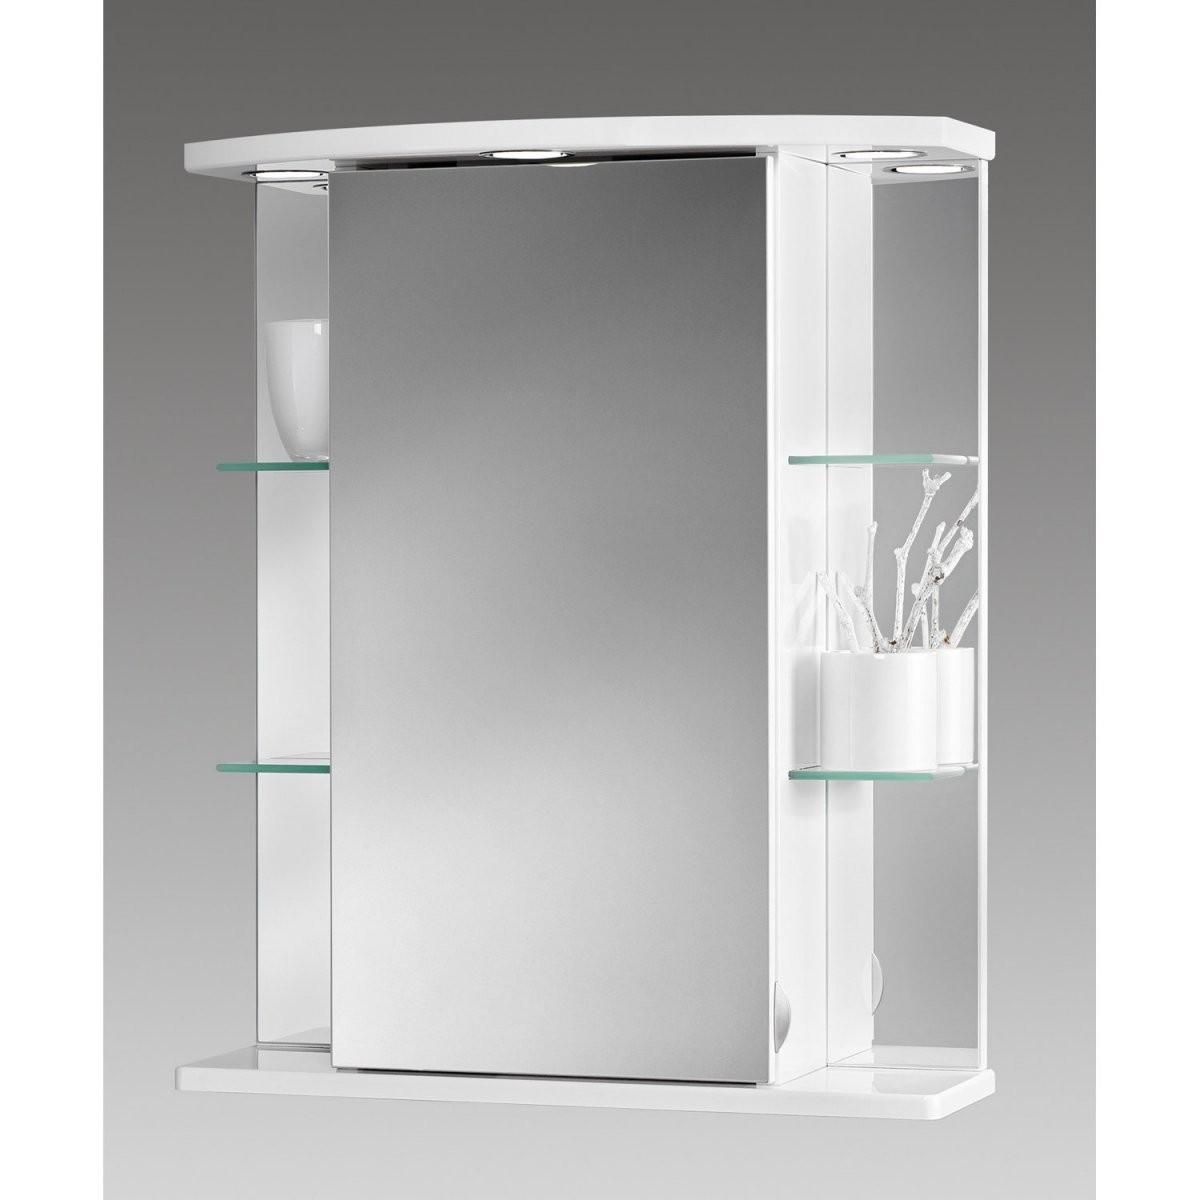 Spiegelschränke Kaufen Bei Obi  Obich von Spiegelschränke Mit Led Beleuchtung Bild